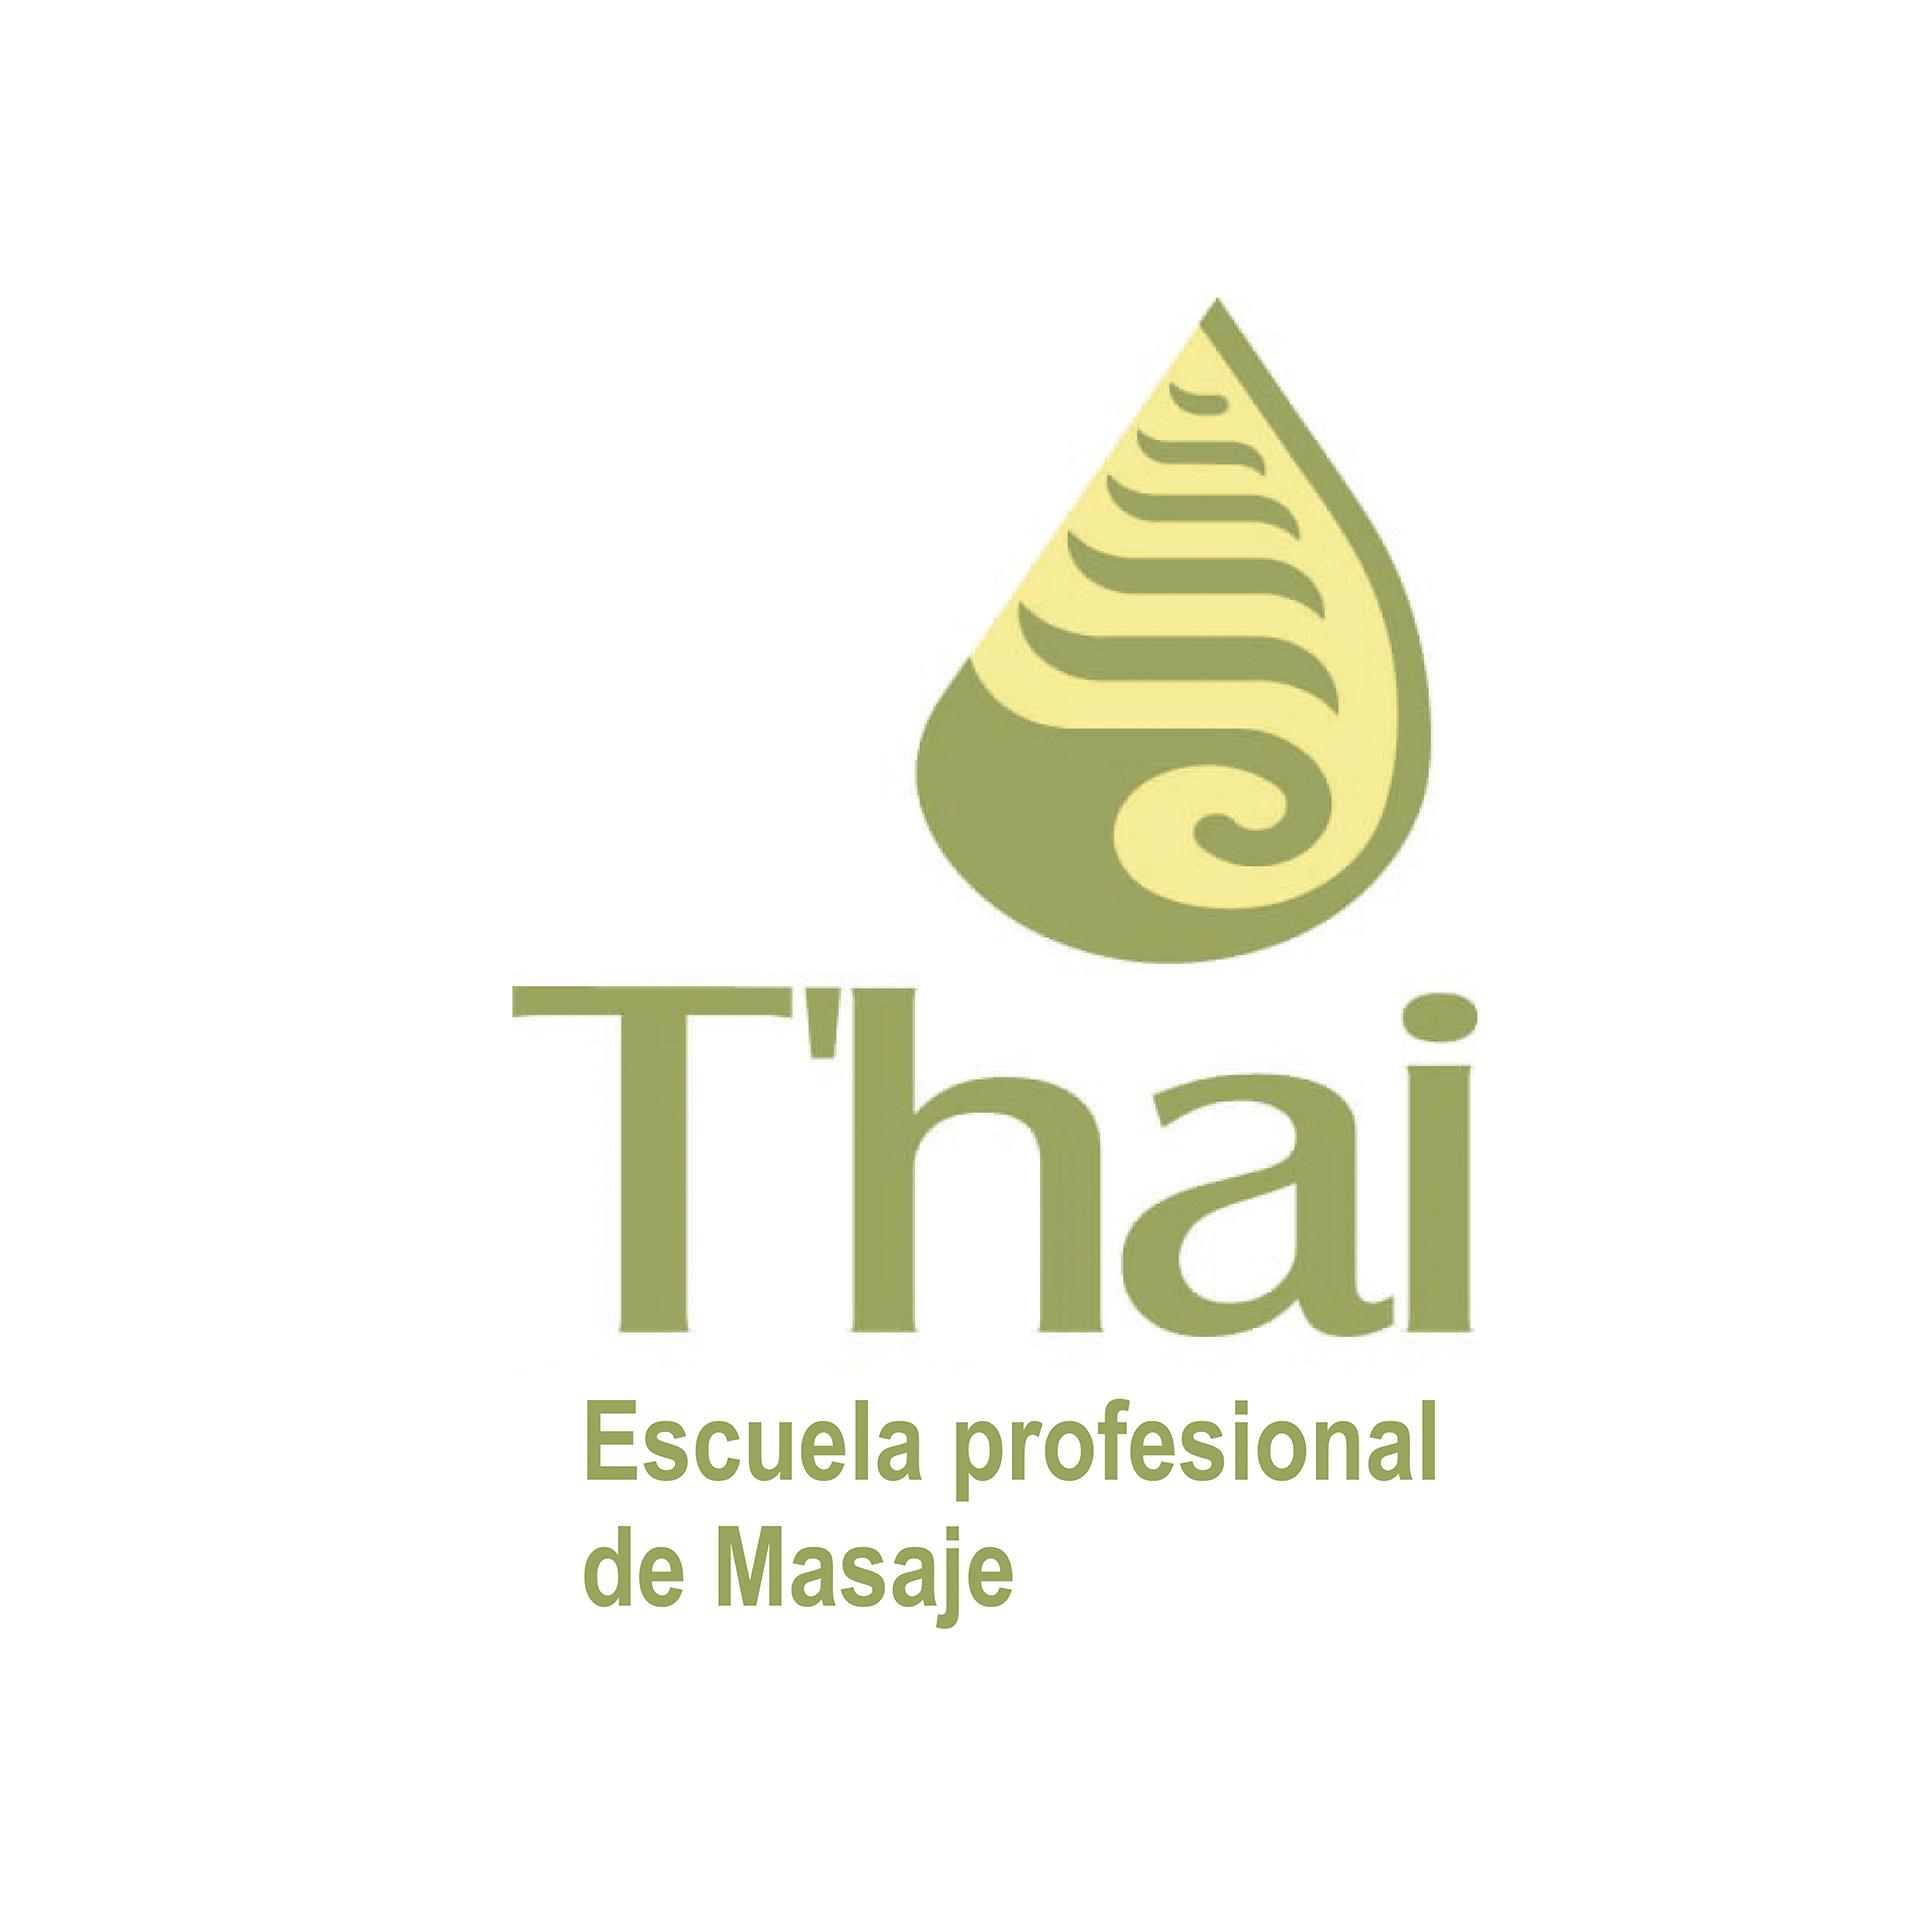 CENTRO THAI